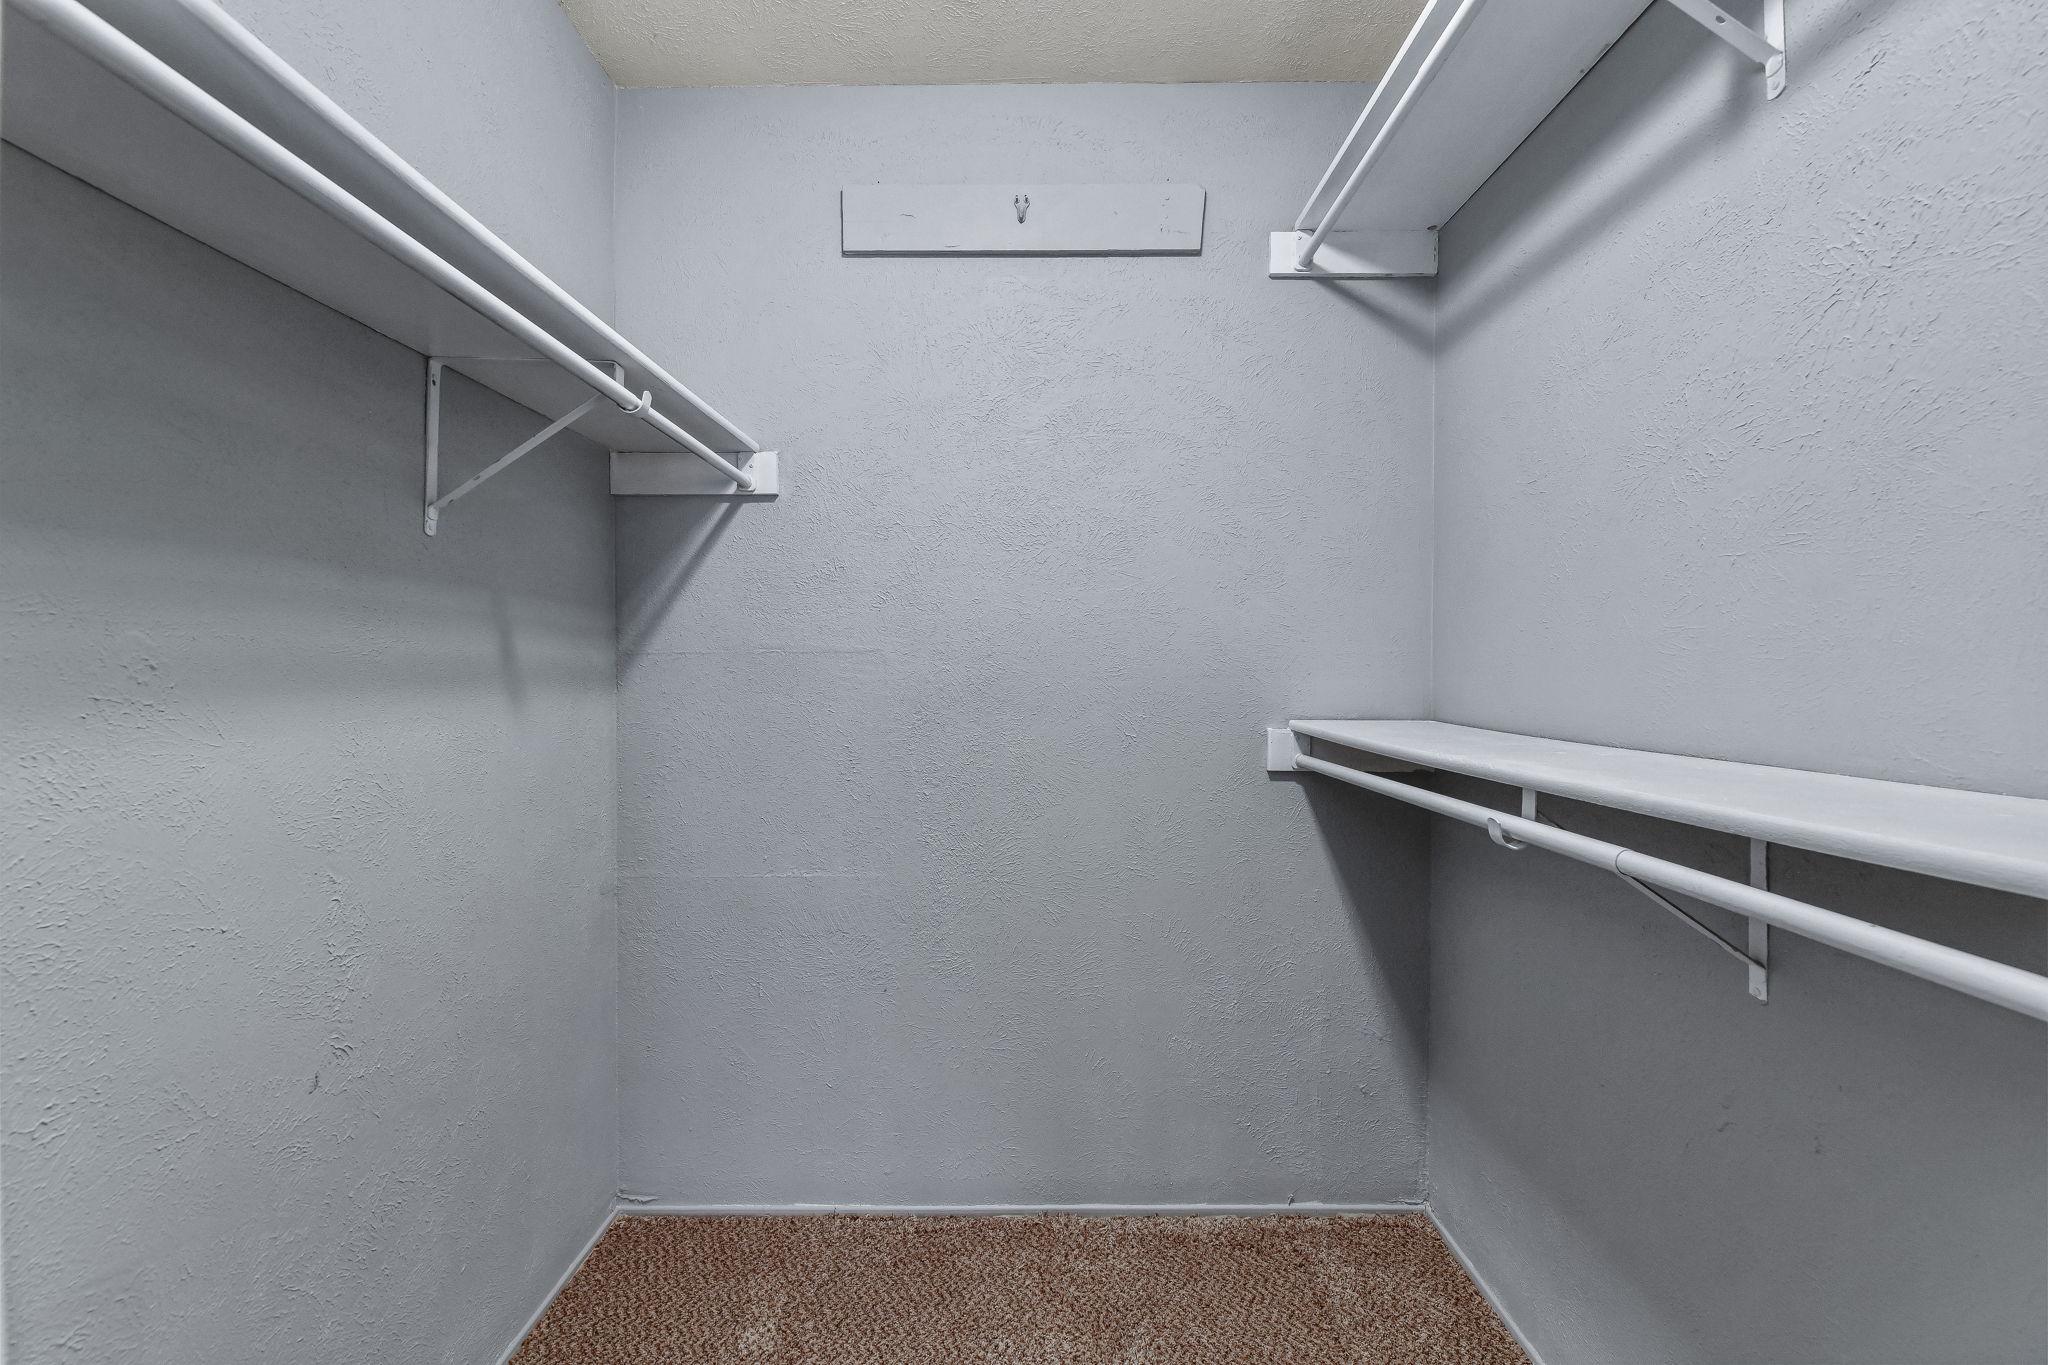 016-Closet-FULL